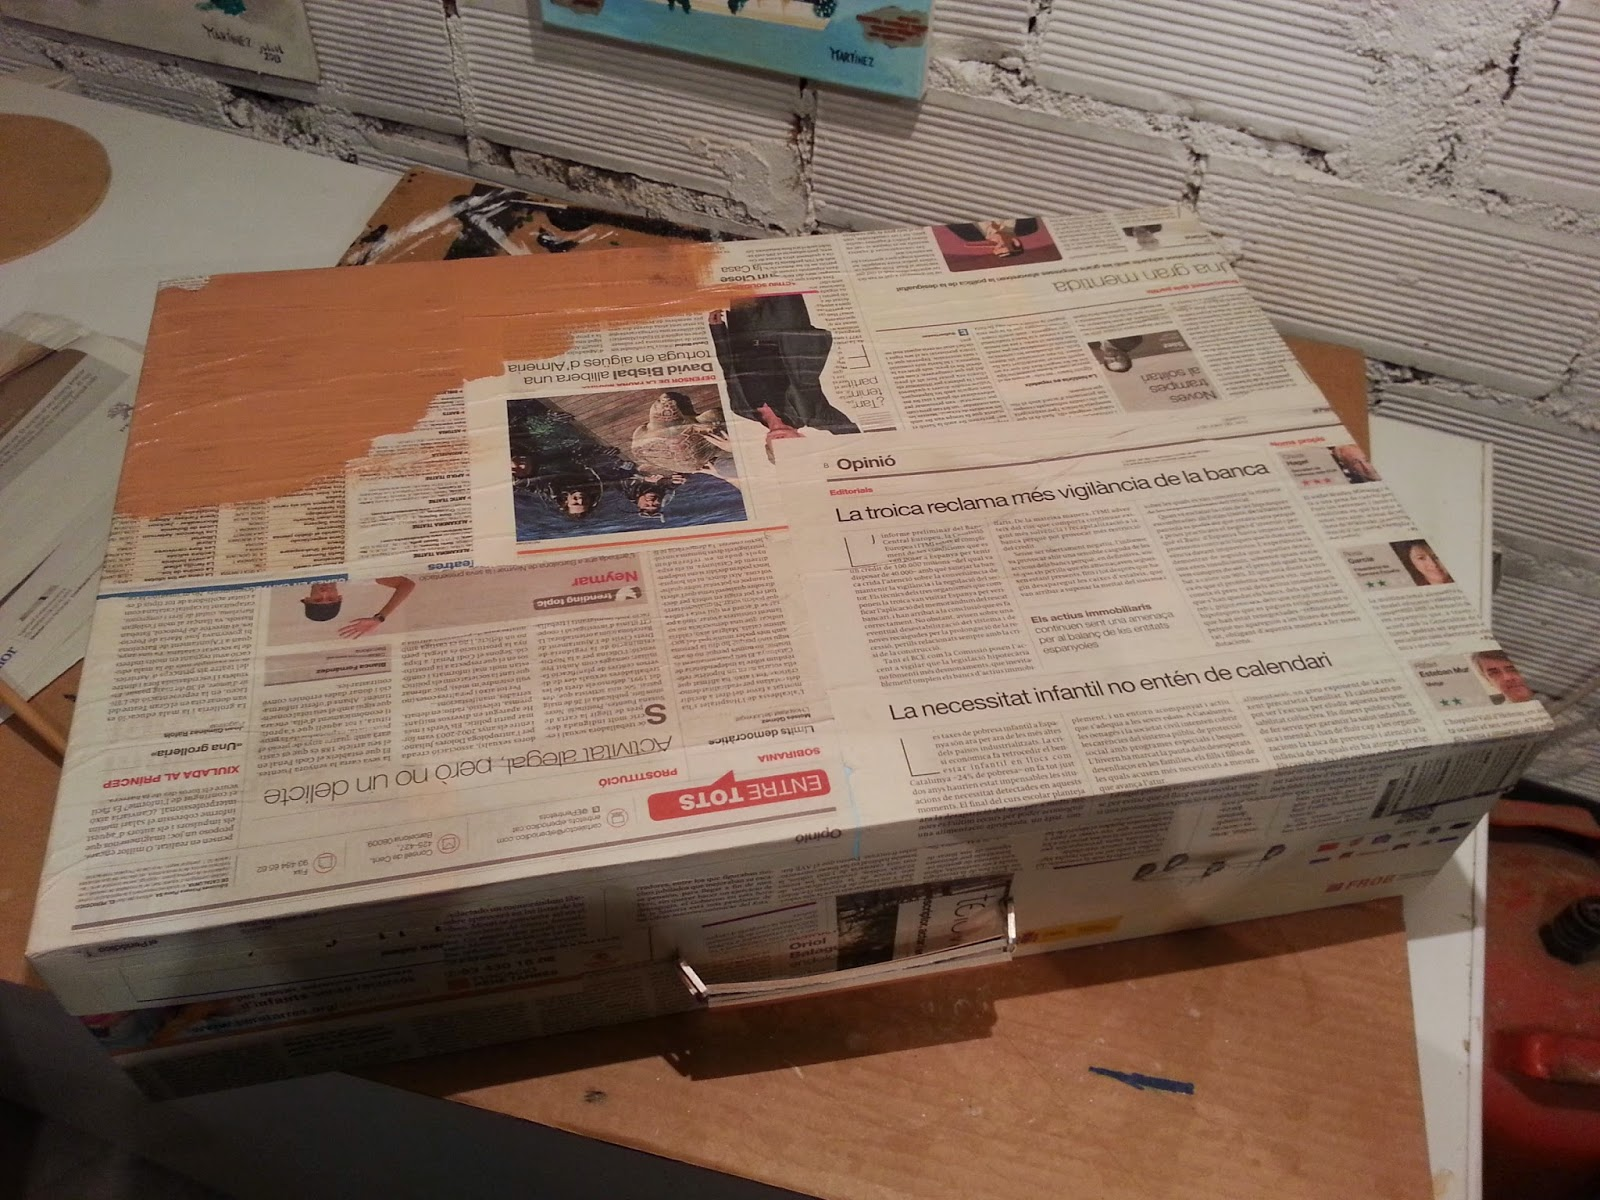 Maleta de cartón, DIY, escaparate, escaparatismo